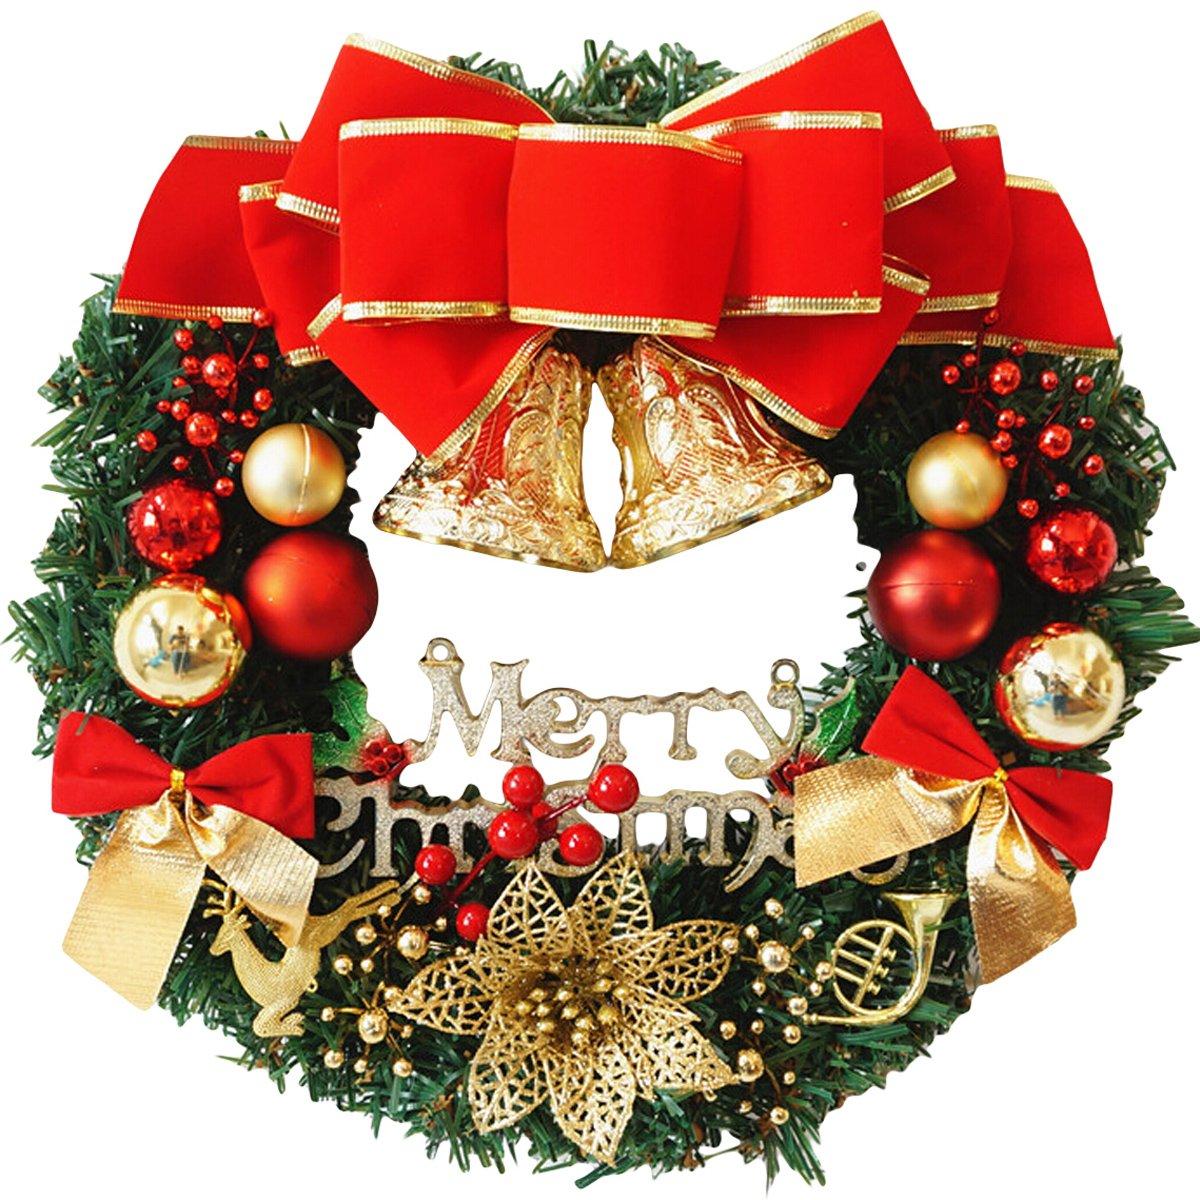 Coxeer Deco Noel Deco Sapin de noel Guirlande de noel Decoration de Noel Exterieur Diamètre 30cm